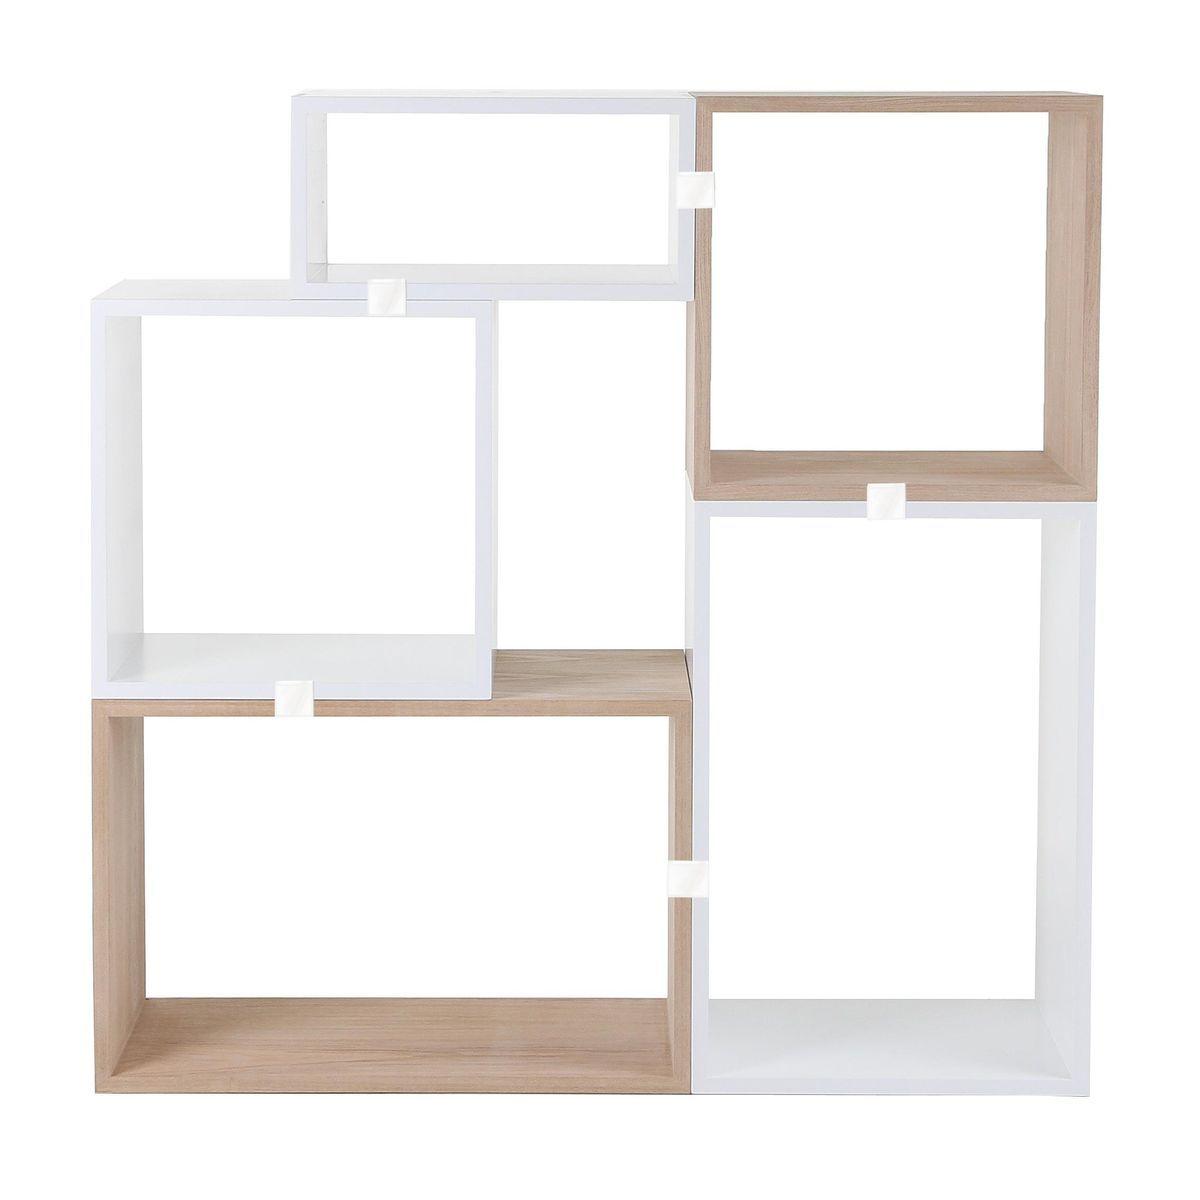 Sympathisch Regalsystem Günstig Sammlung Von Muuto - Stacked Esche/weiß Set 4 -